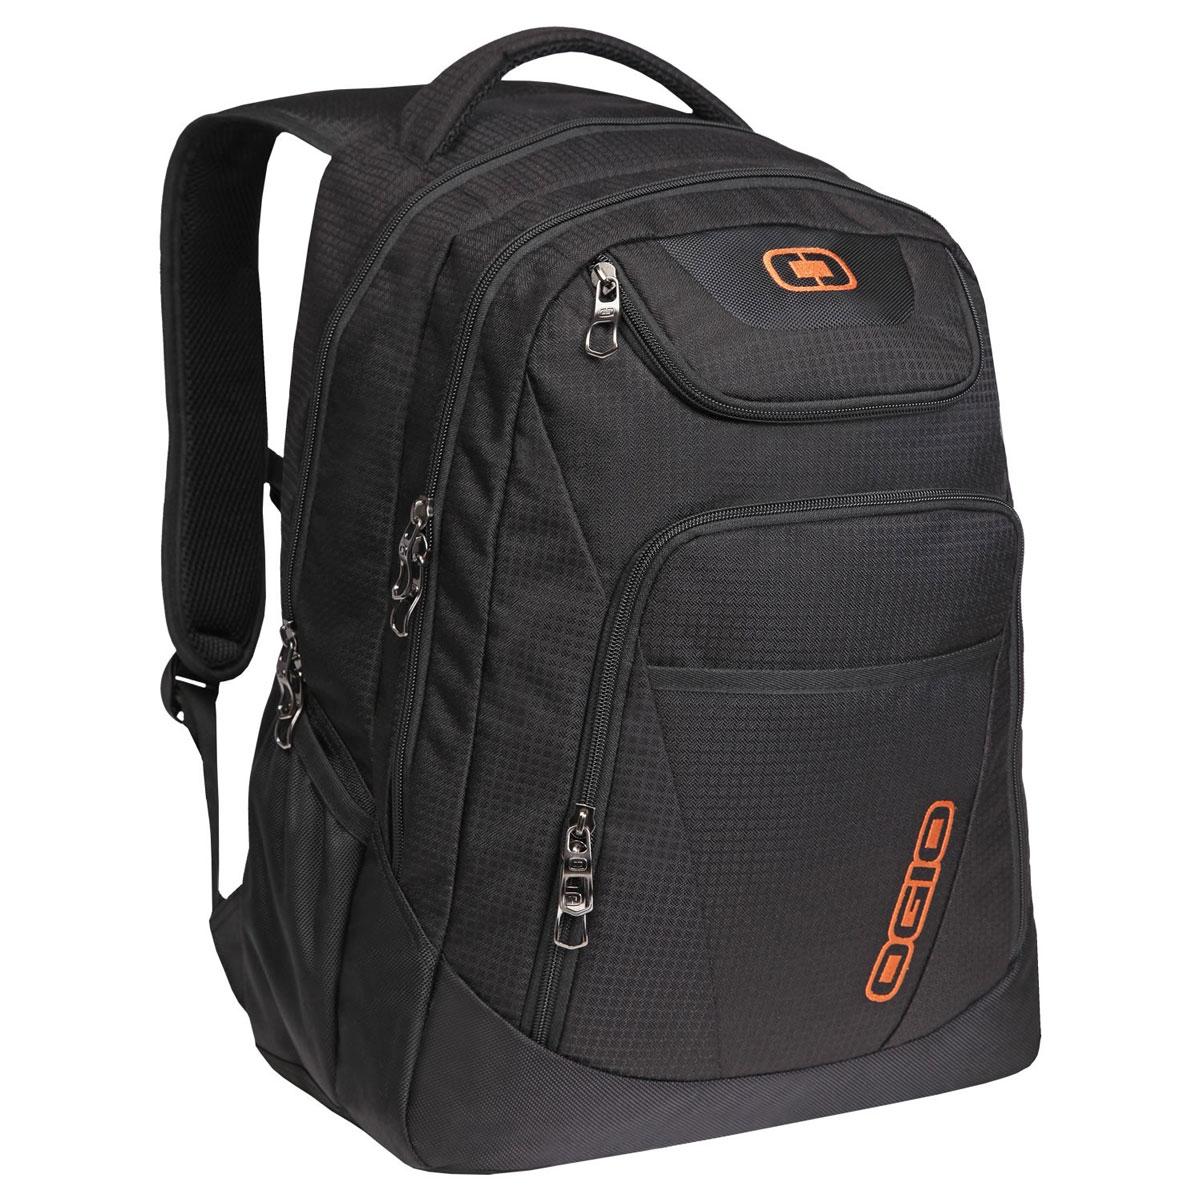 Рюкзак городской OGIO Tribune 17, цвет: черный. 111078.03 цена